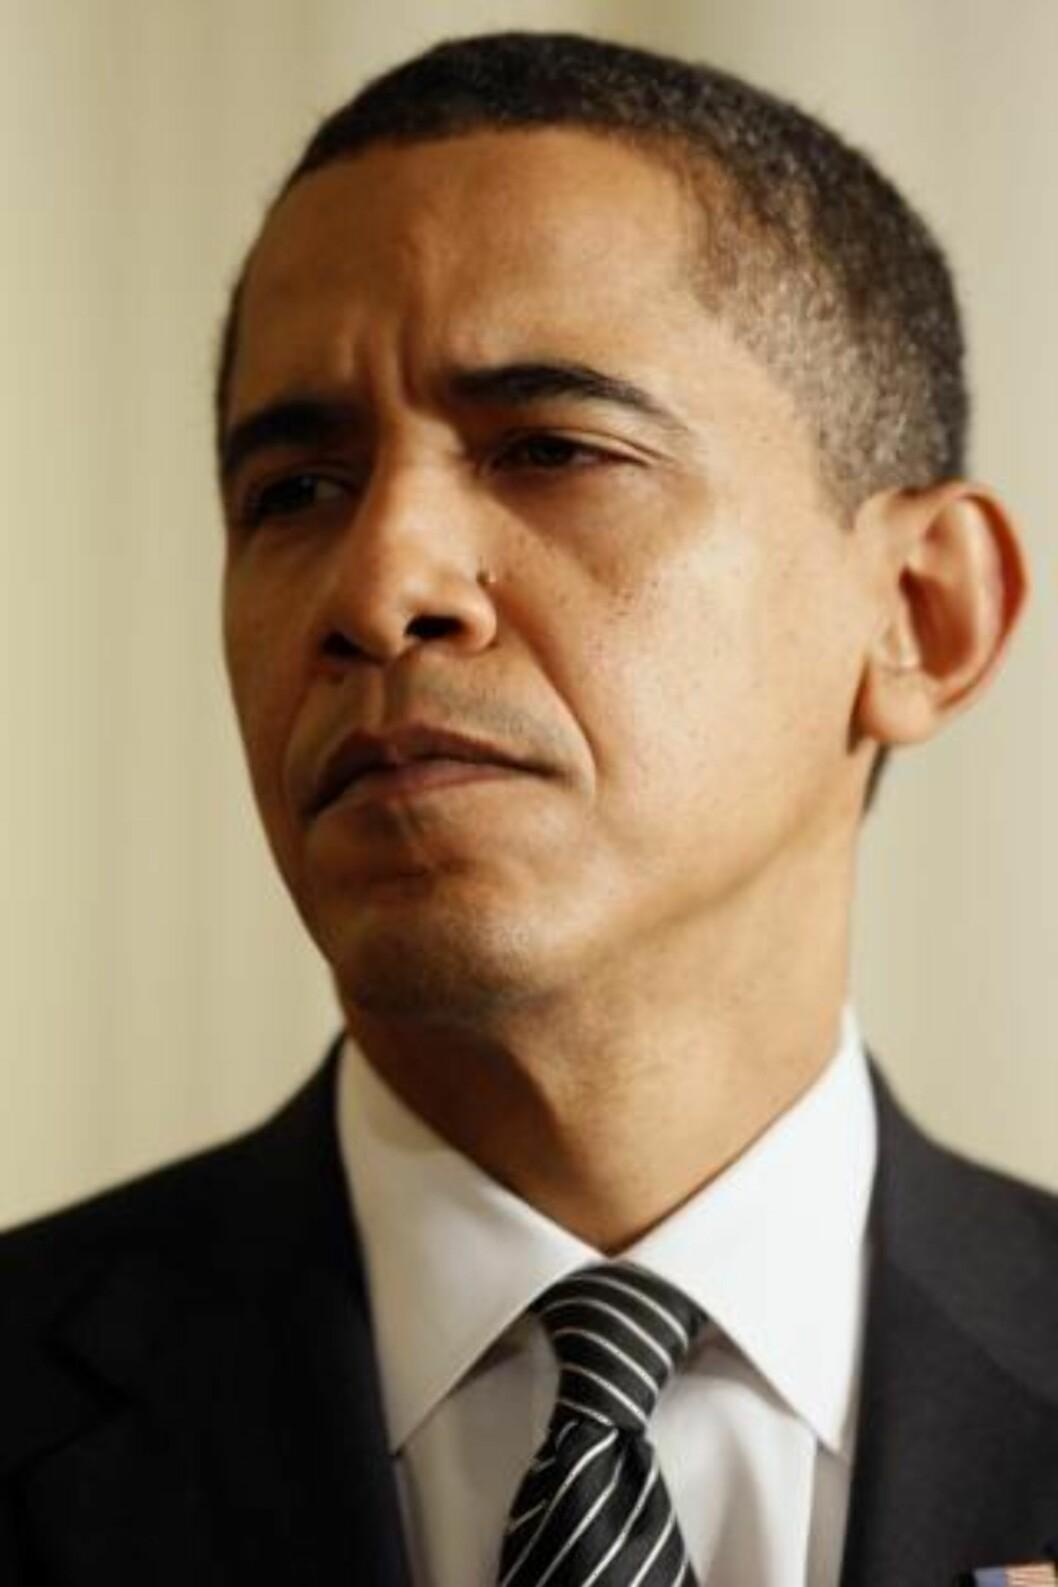 <strong>BEGRUNNELSE:</strong> «Den Norske Nobelkomite har bestemt at Nobels fredspris for 2009 skal tildeles president Barack Obama for hans ekstraordinære innsats for å styrke internasjonalt diplomati og mellomfolkelig samarbeid». Foto: SCANPIX